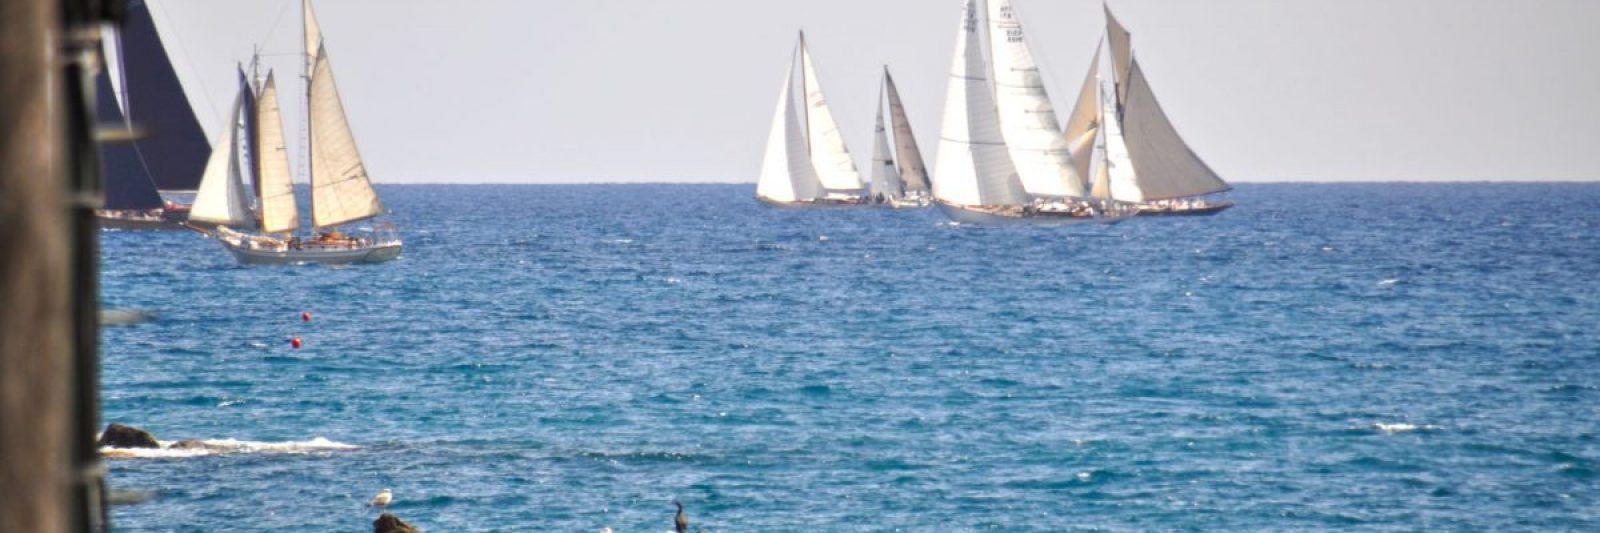 Segelschiffe in der Bucht von Imperia. Voll am Wind fahren sie Regatta. Ferienhaus in Ligurien